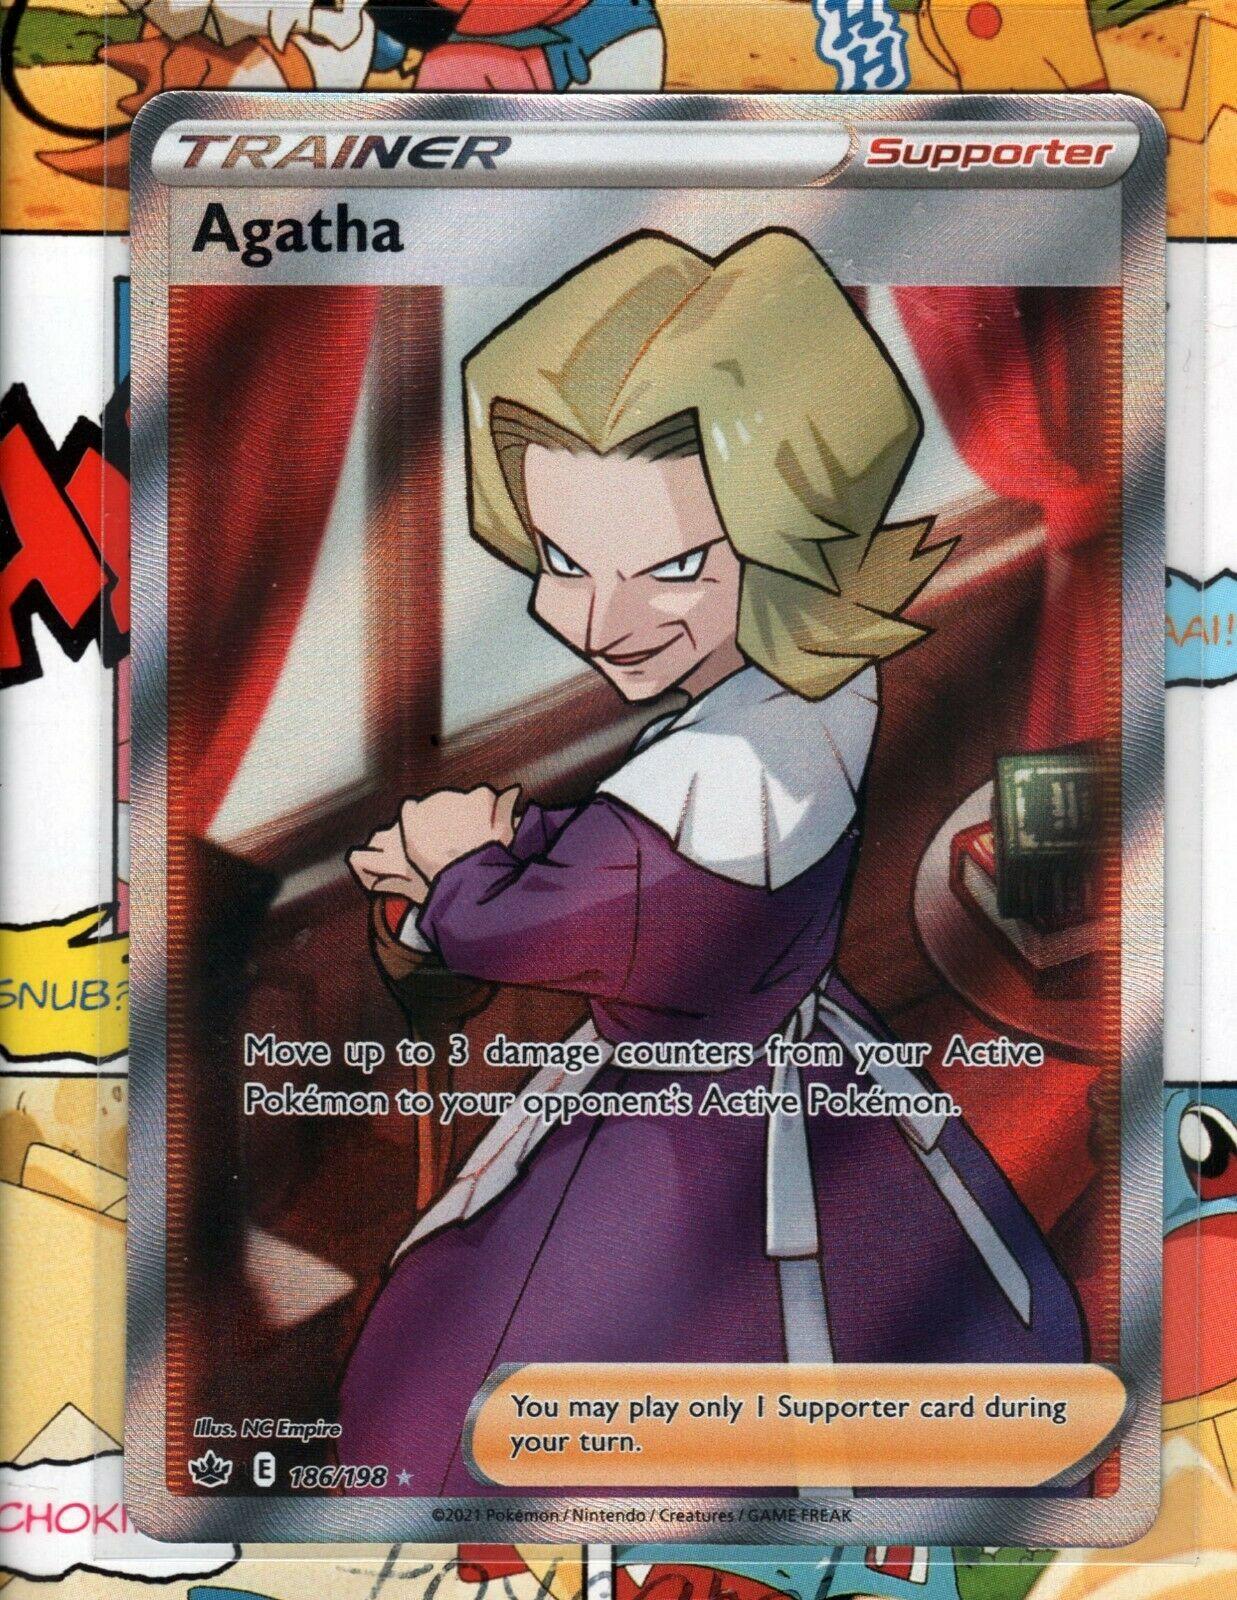 Pokemon TCG Agatha 186/198 Chilling Reign Full Art Trainer NM/M